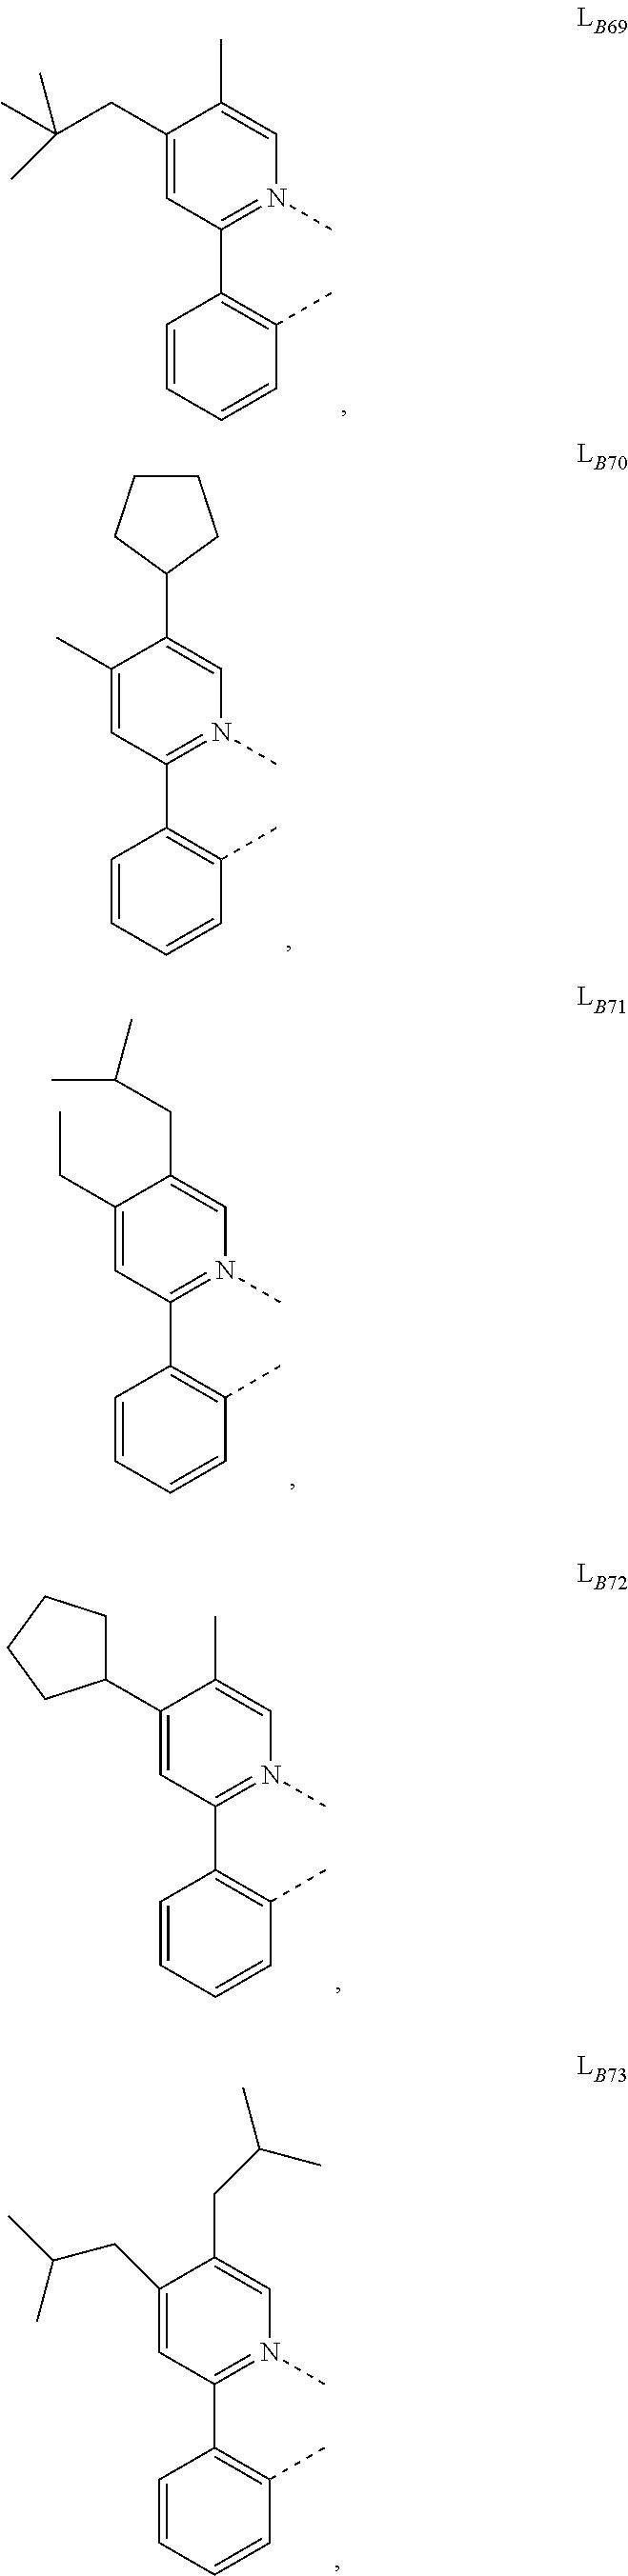 Figure US20160049599A1-20160218-C00127